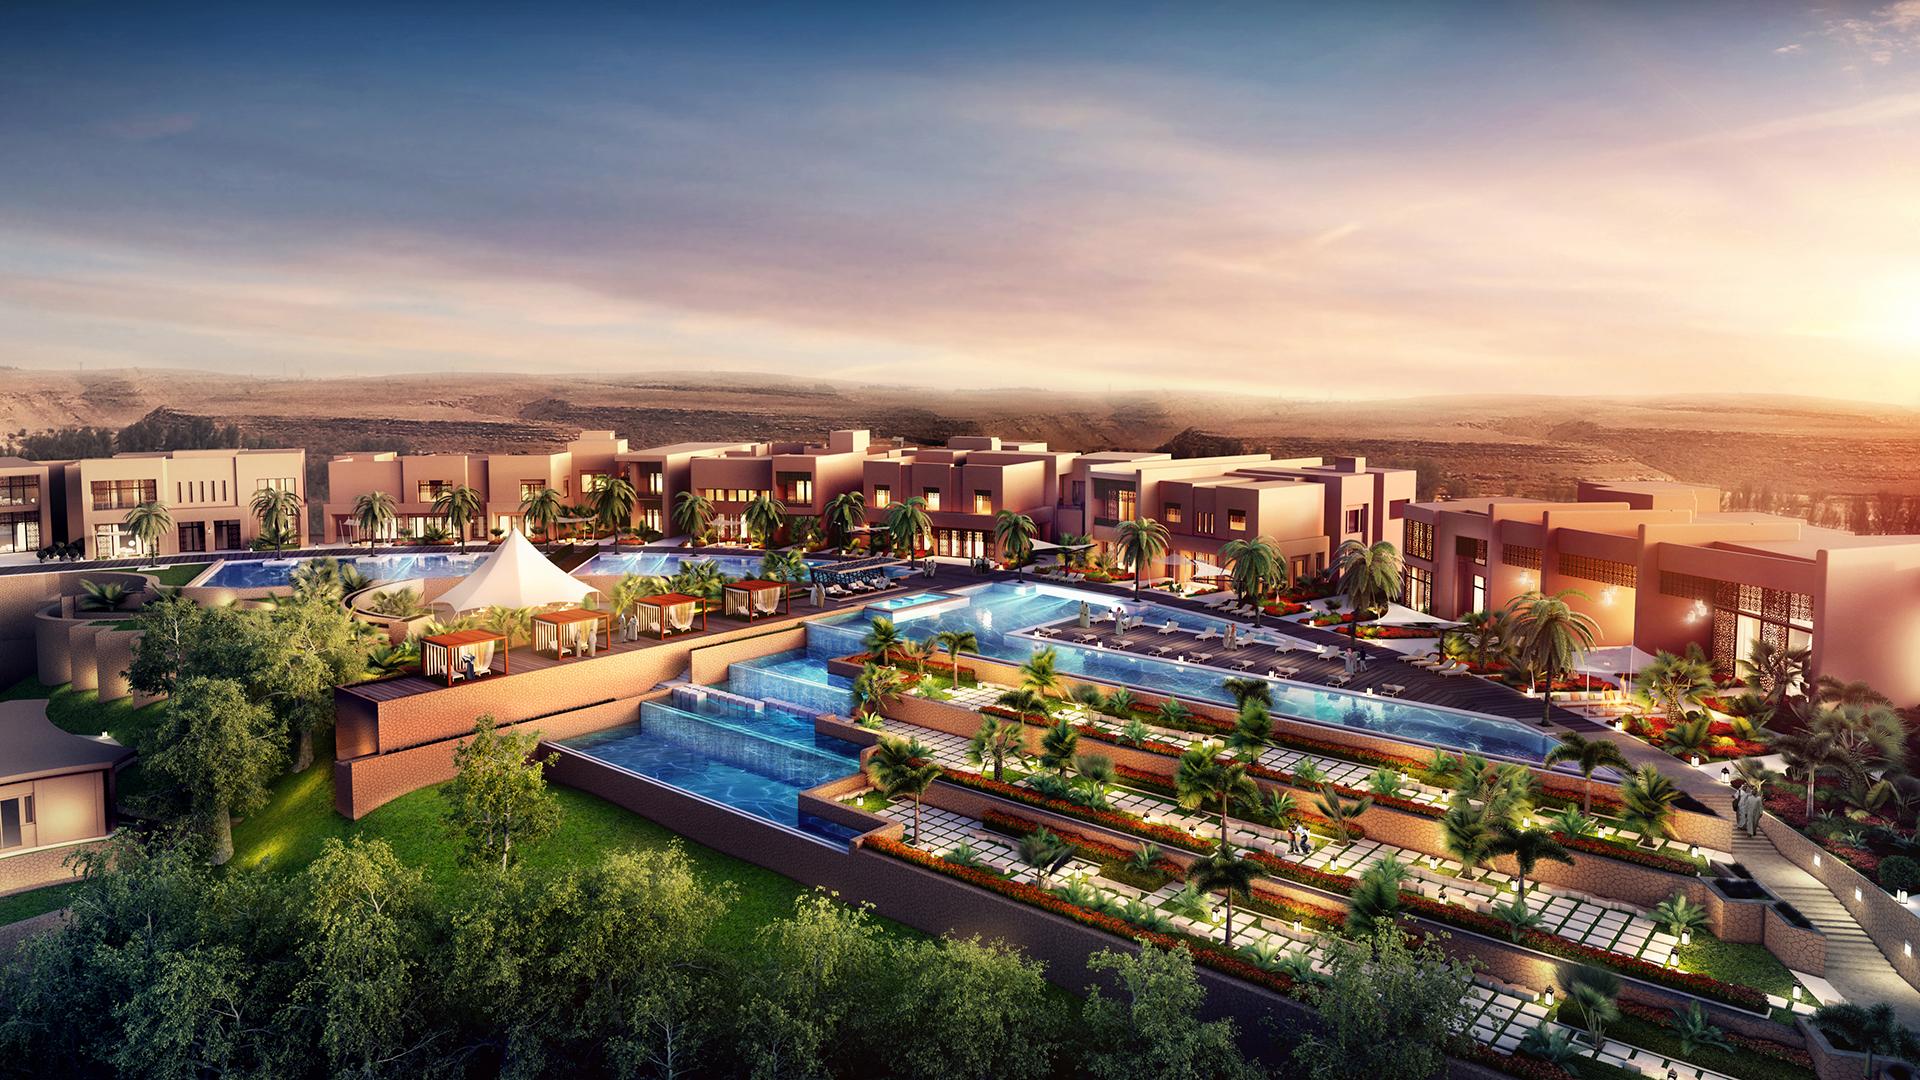 al-samerya-hotel-3